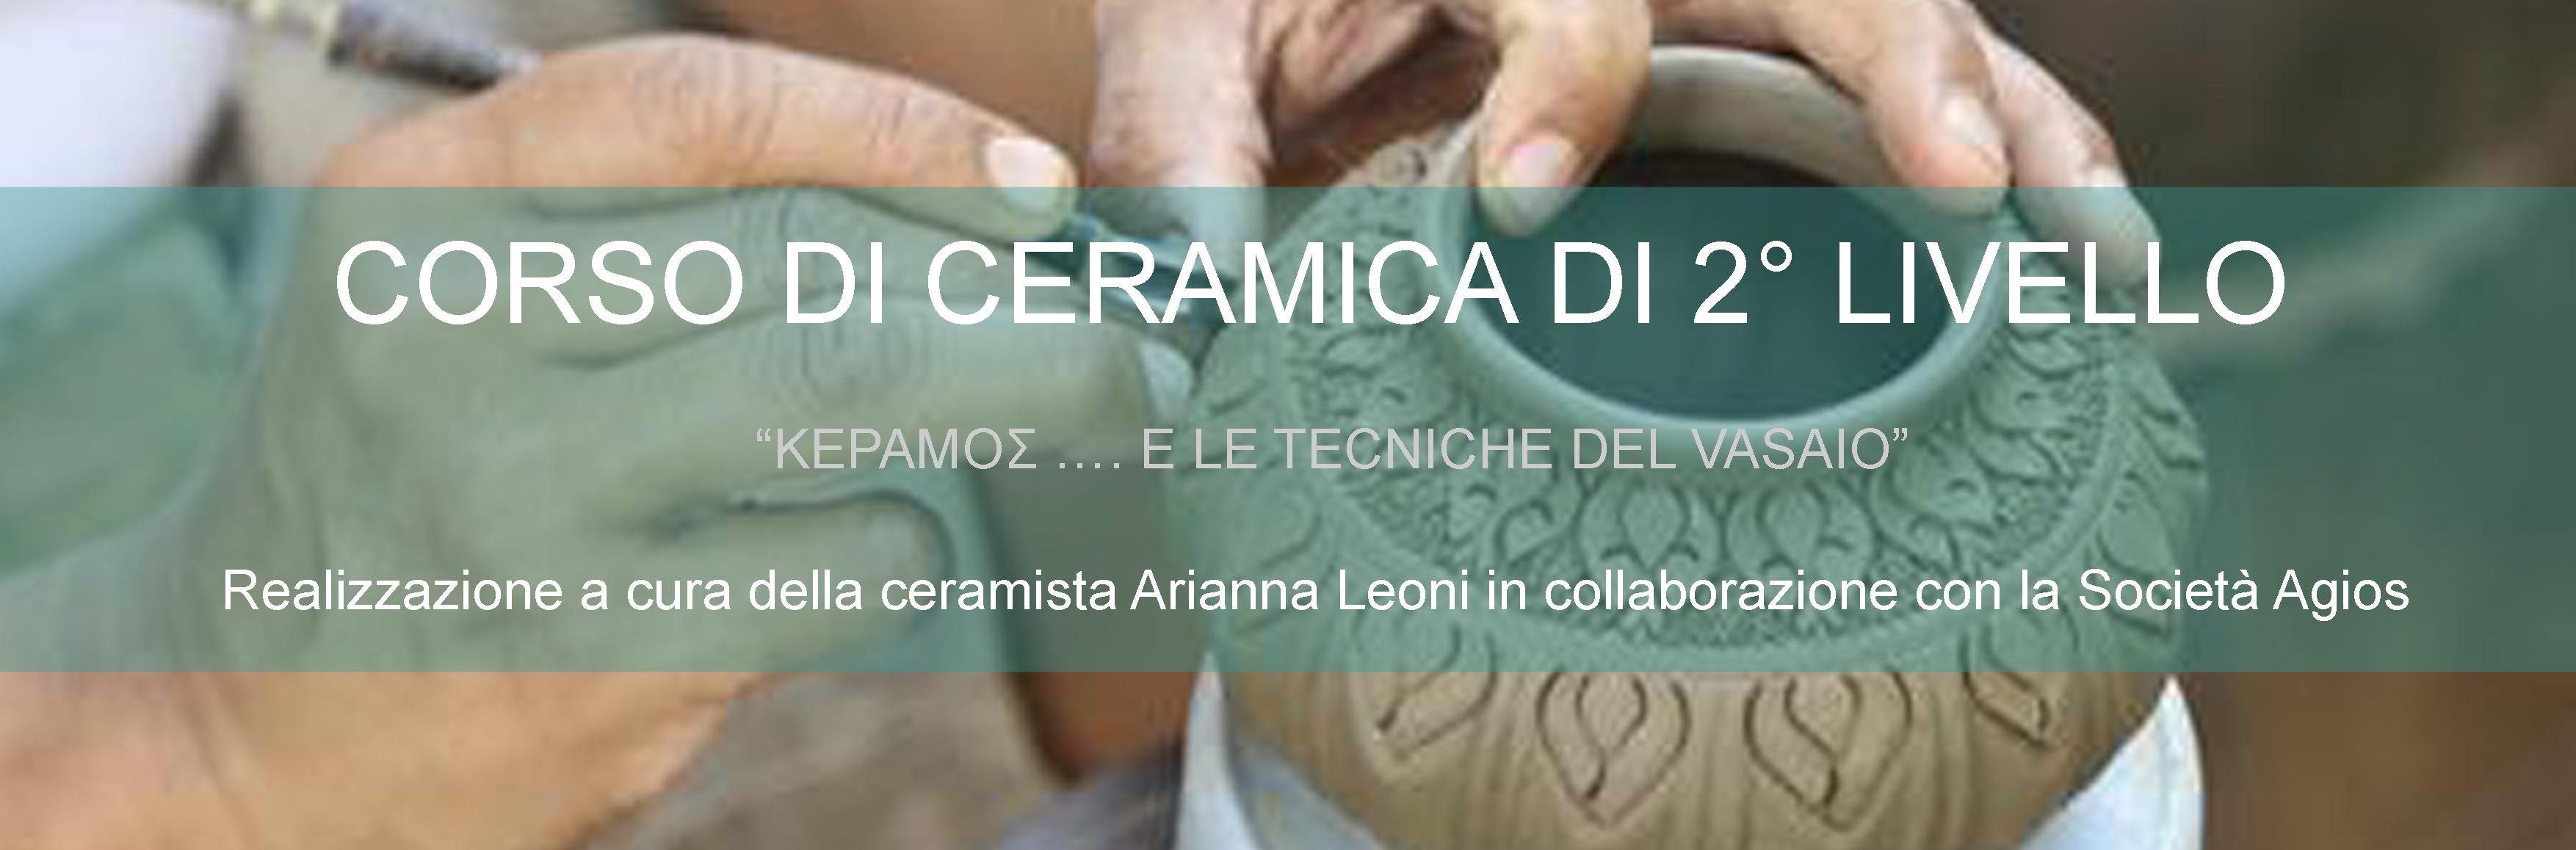 Corso ceramica 2 livello – febbraio 2016